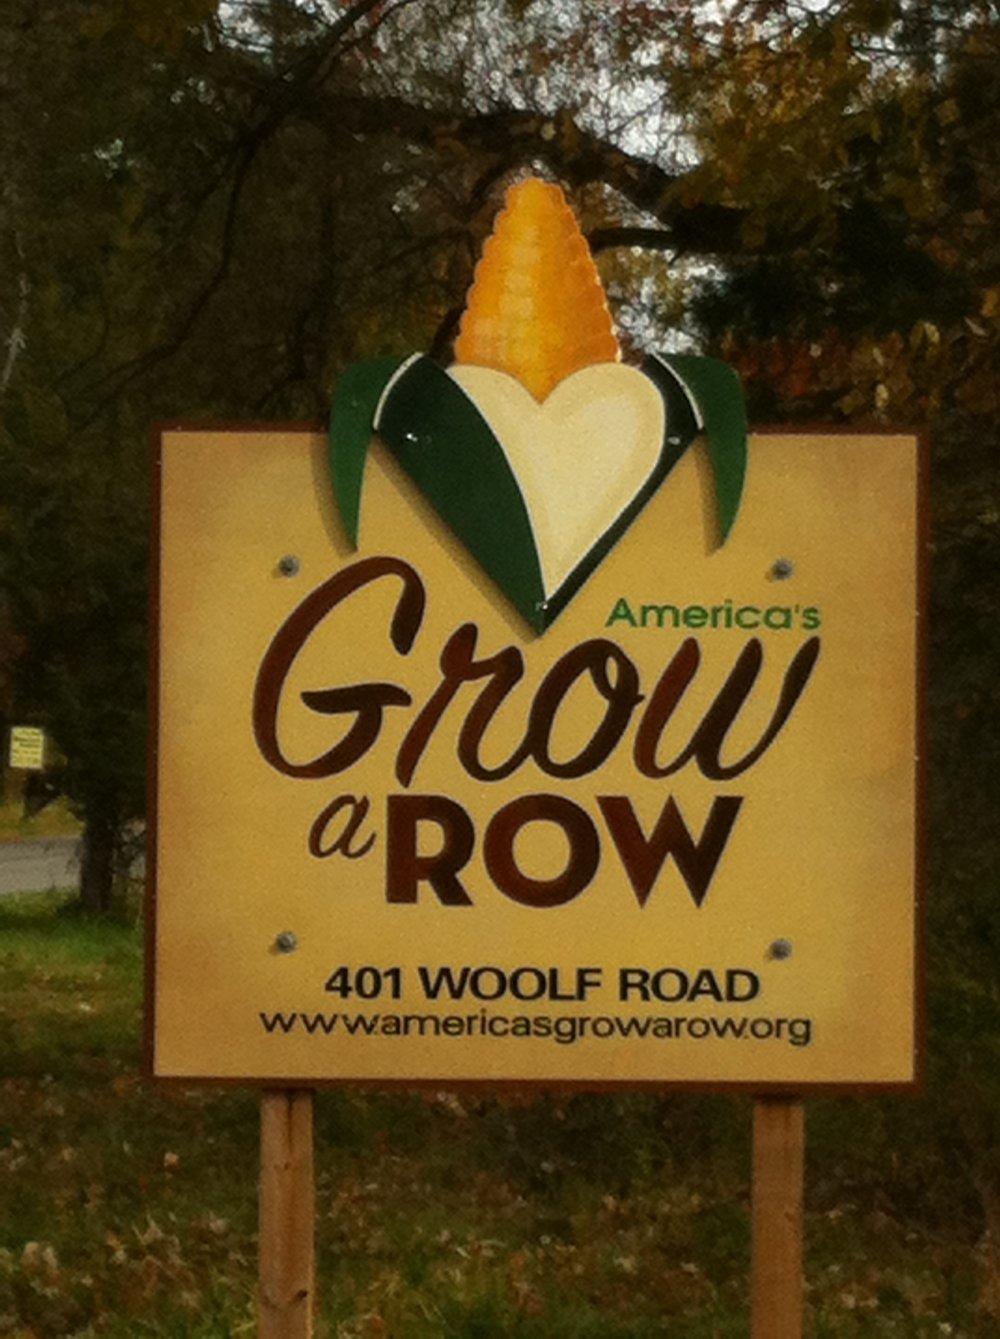 GrowARowSign.JPG